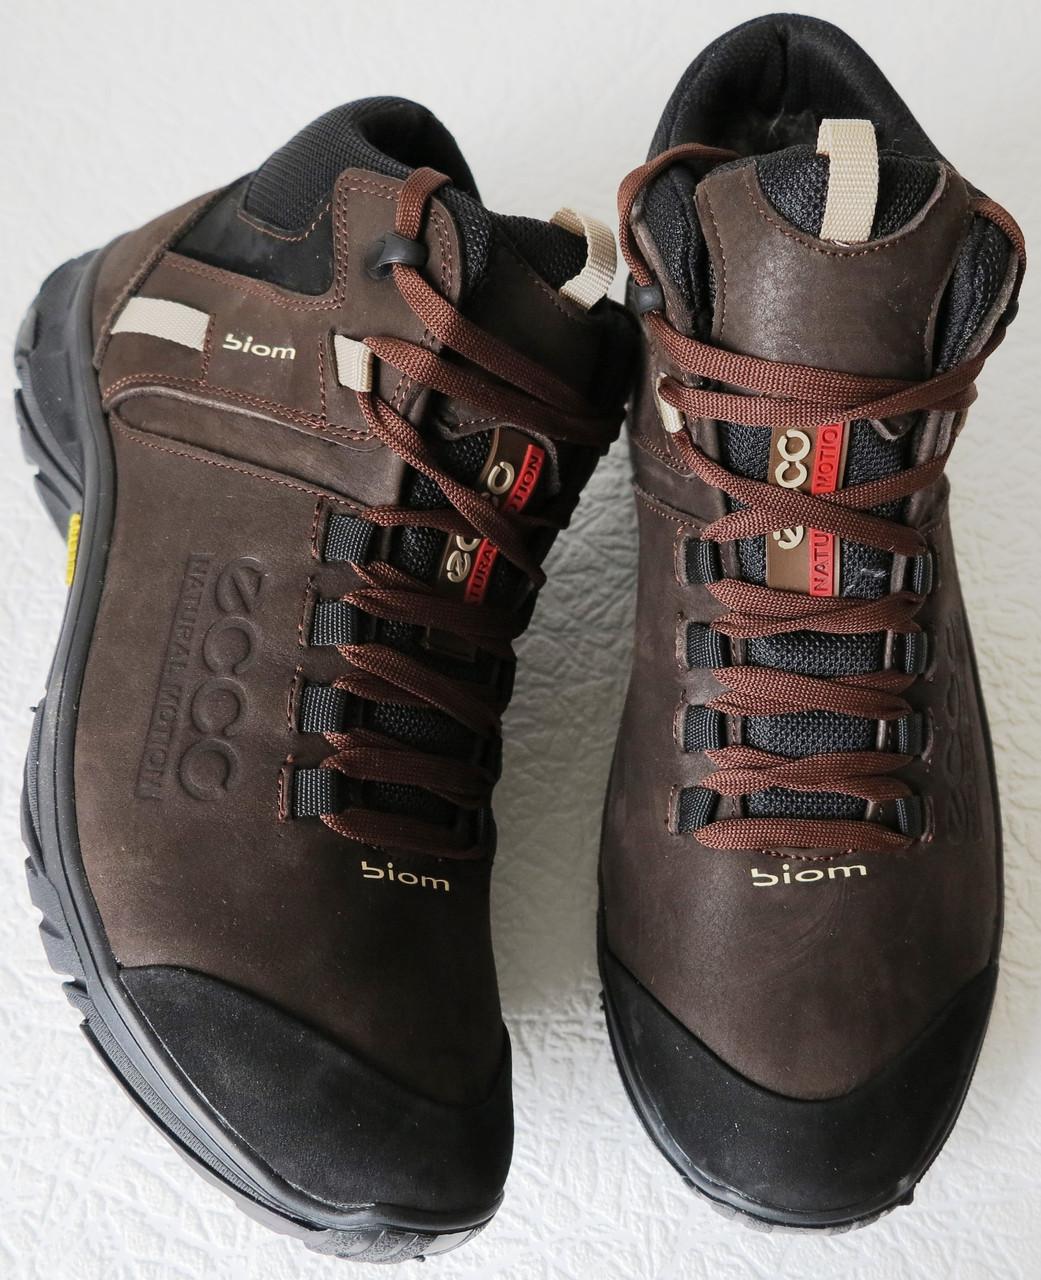 8c43ac34b ... Экко зимние кожаные ботинки из кожи мех в стиле Ессо кроссовки  коричневые , фото 7 ...